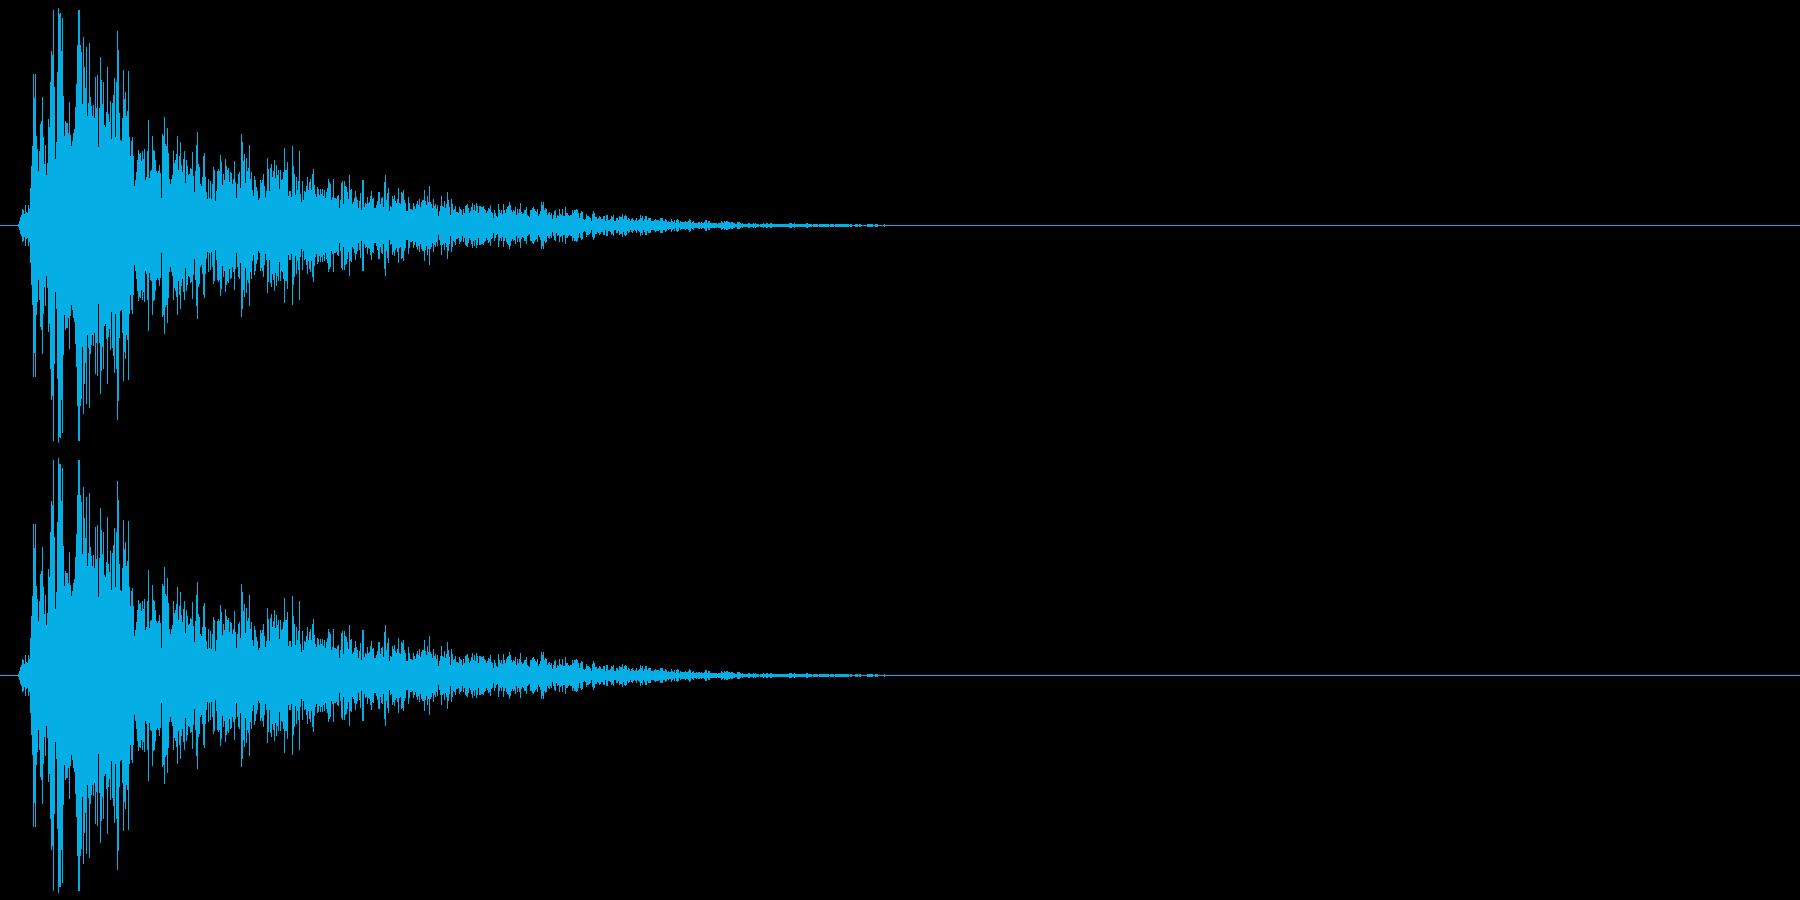 ダメージ音12の再生済みの波形